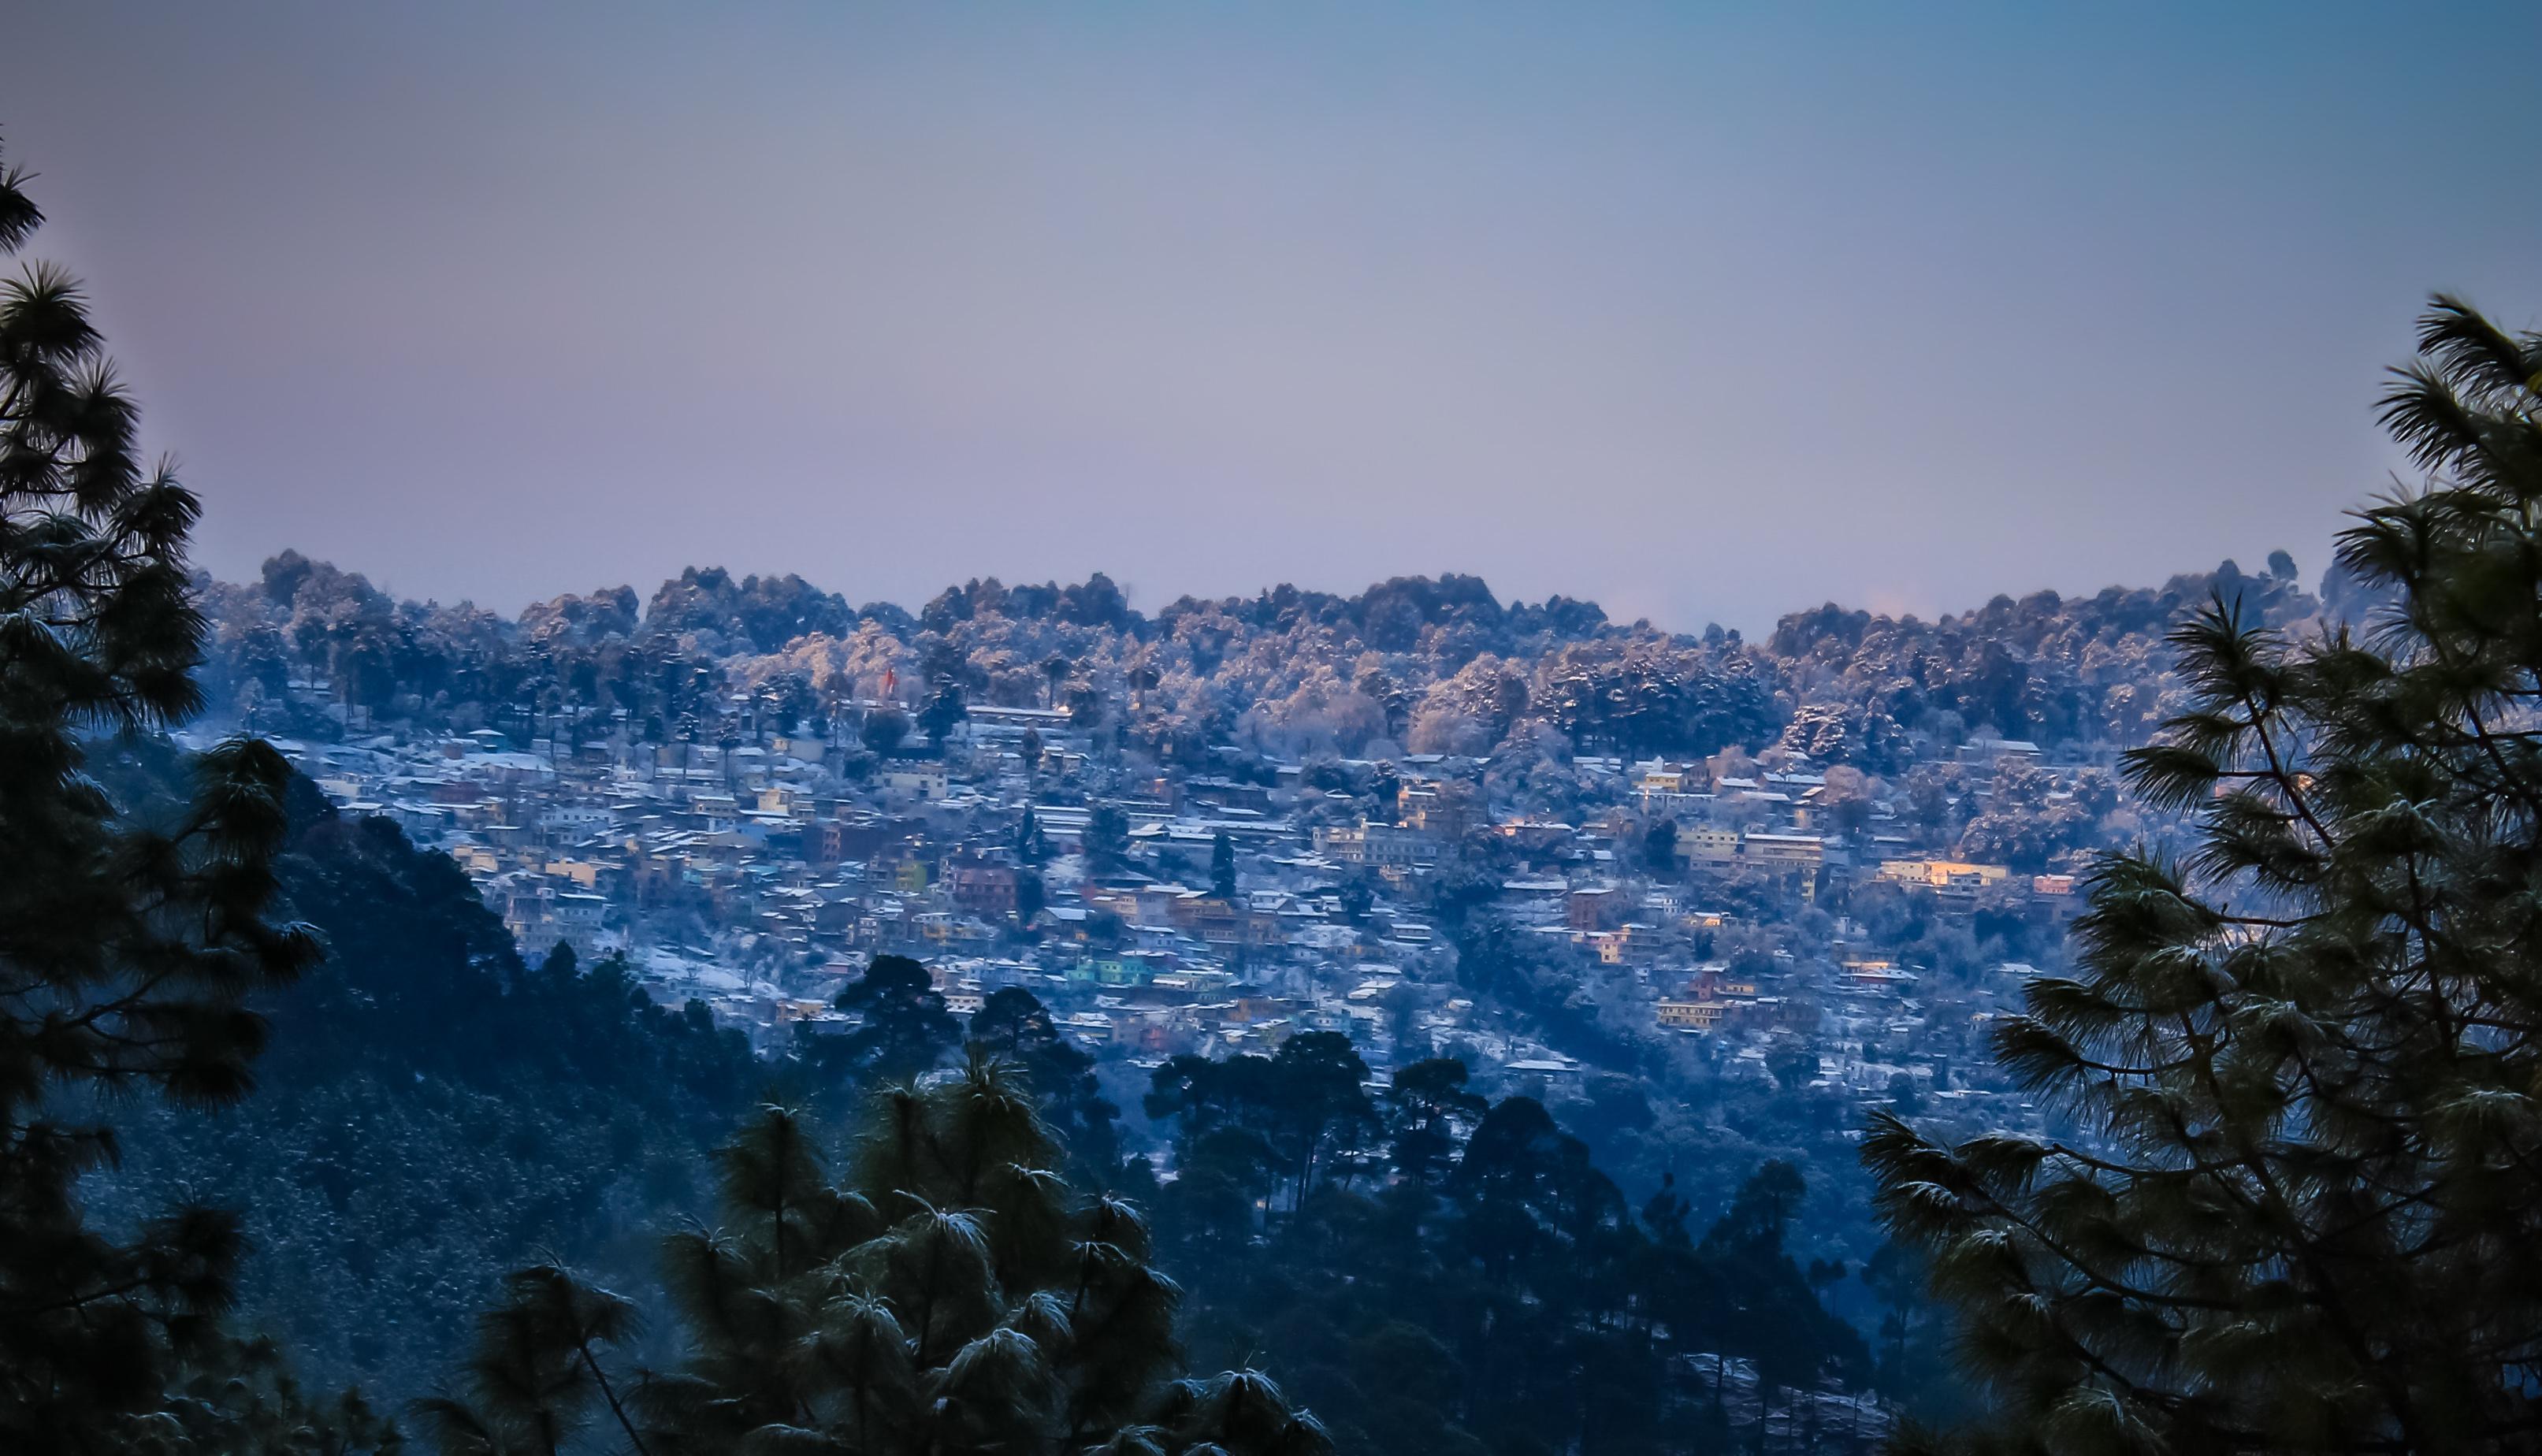 File:Ranikhet in winters.jpg - Wikimedia Commons